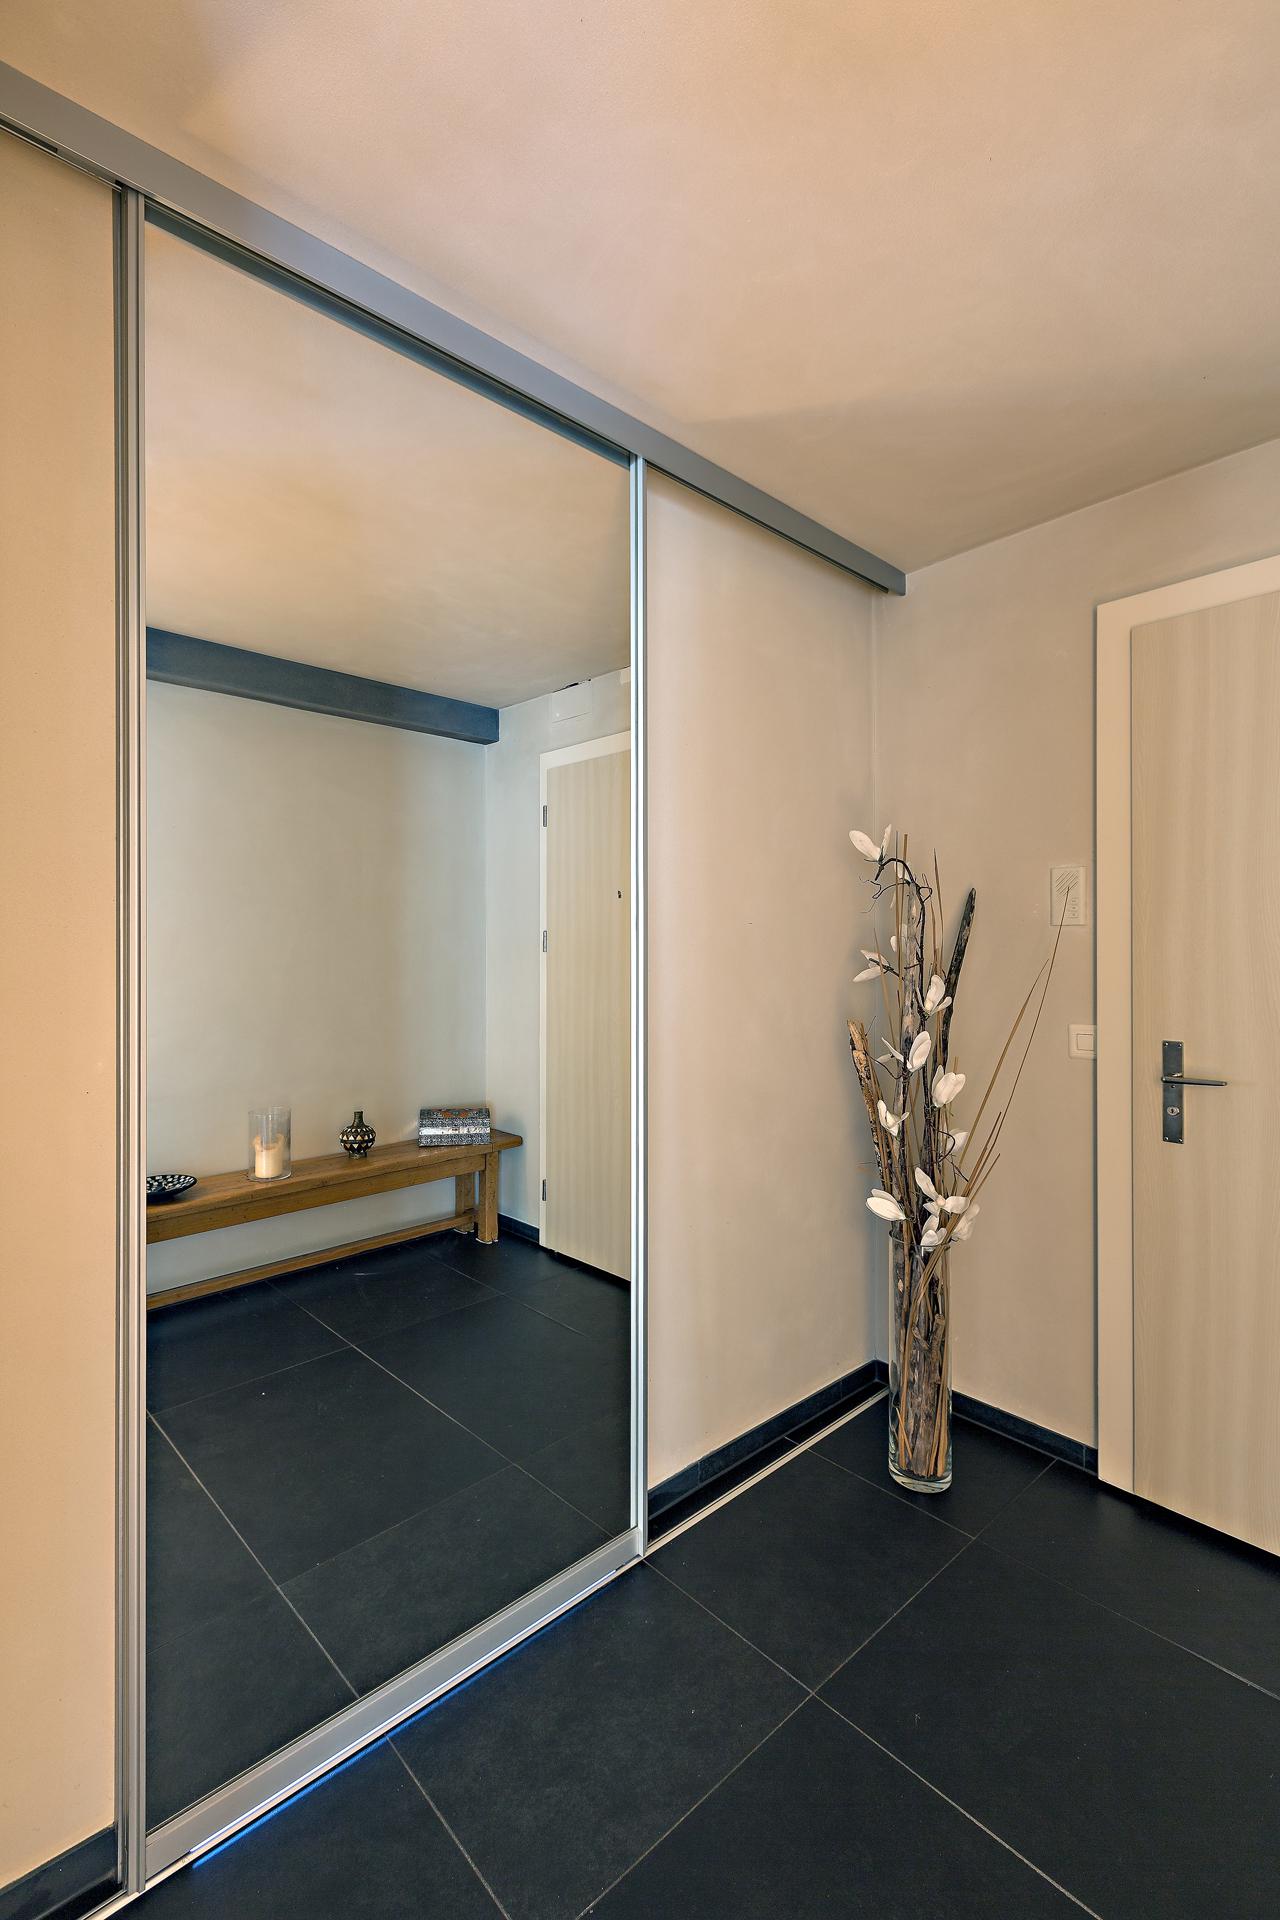 Der übergrosse Spiegel Verbirgt Den Eingang Ins Bad   Ausgeführt Als  Bewegliche Schiebetür